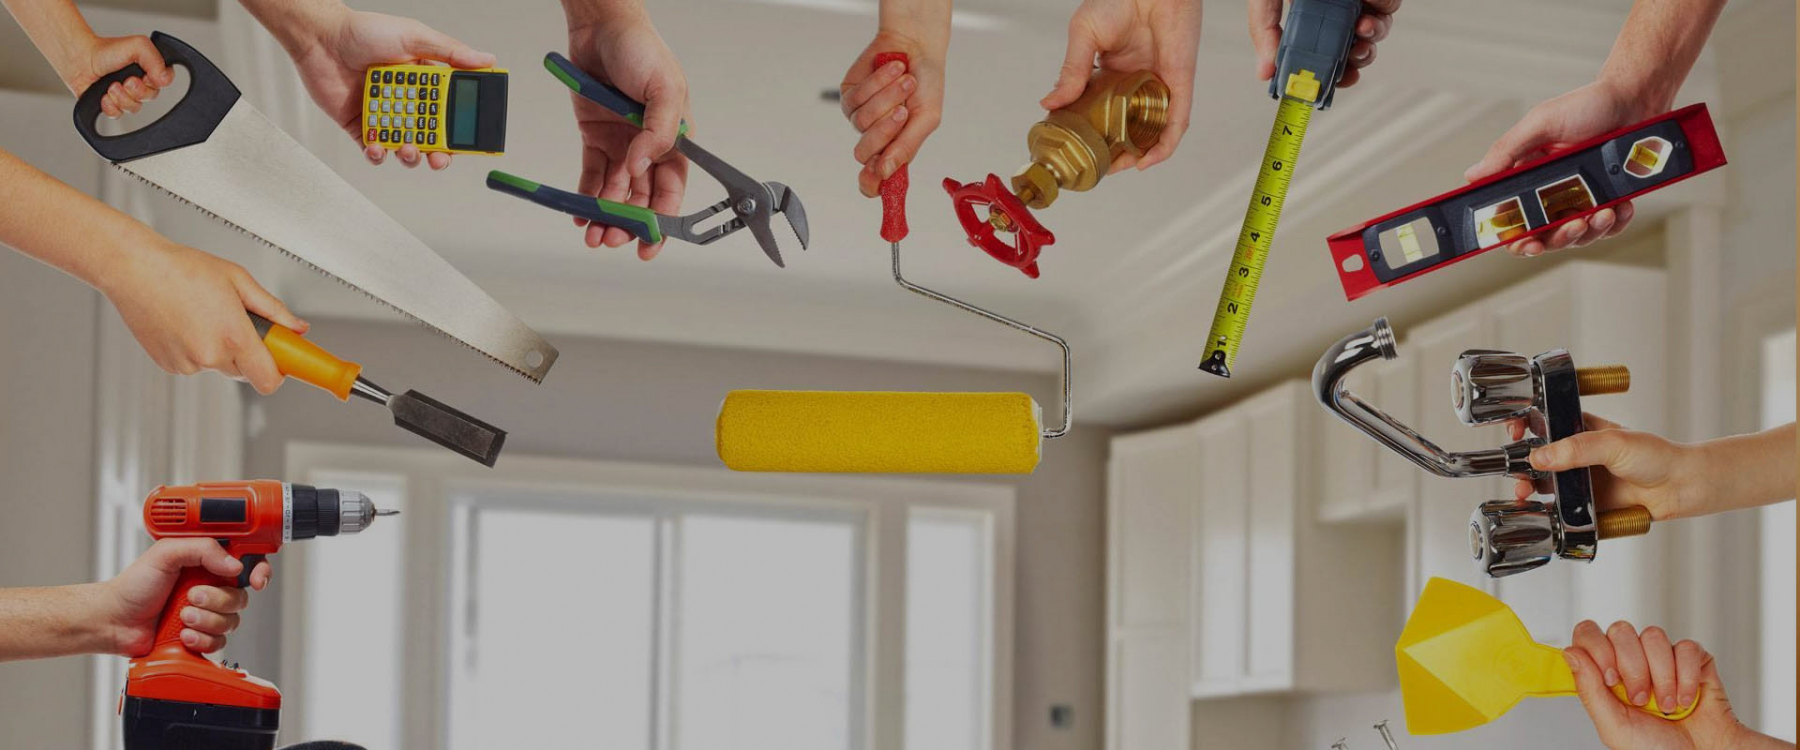 Ремонт квартир качественно и недорого!